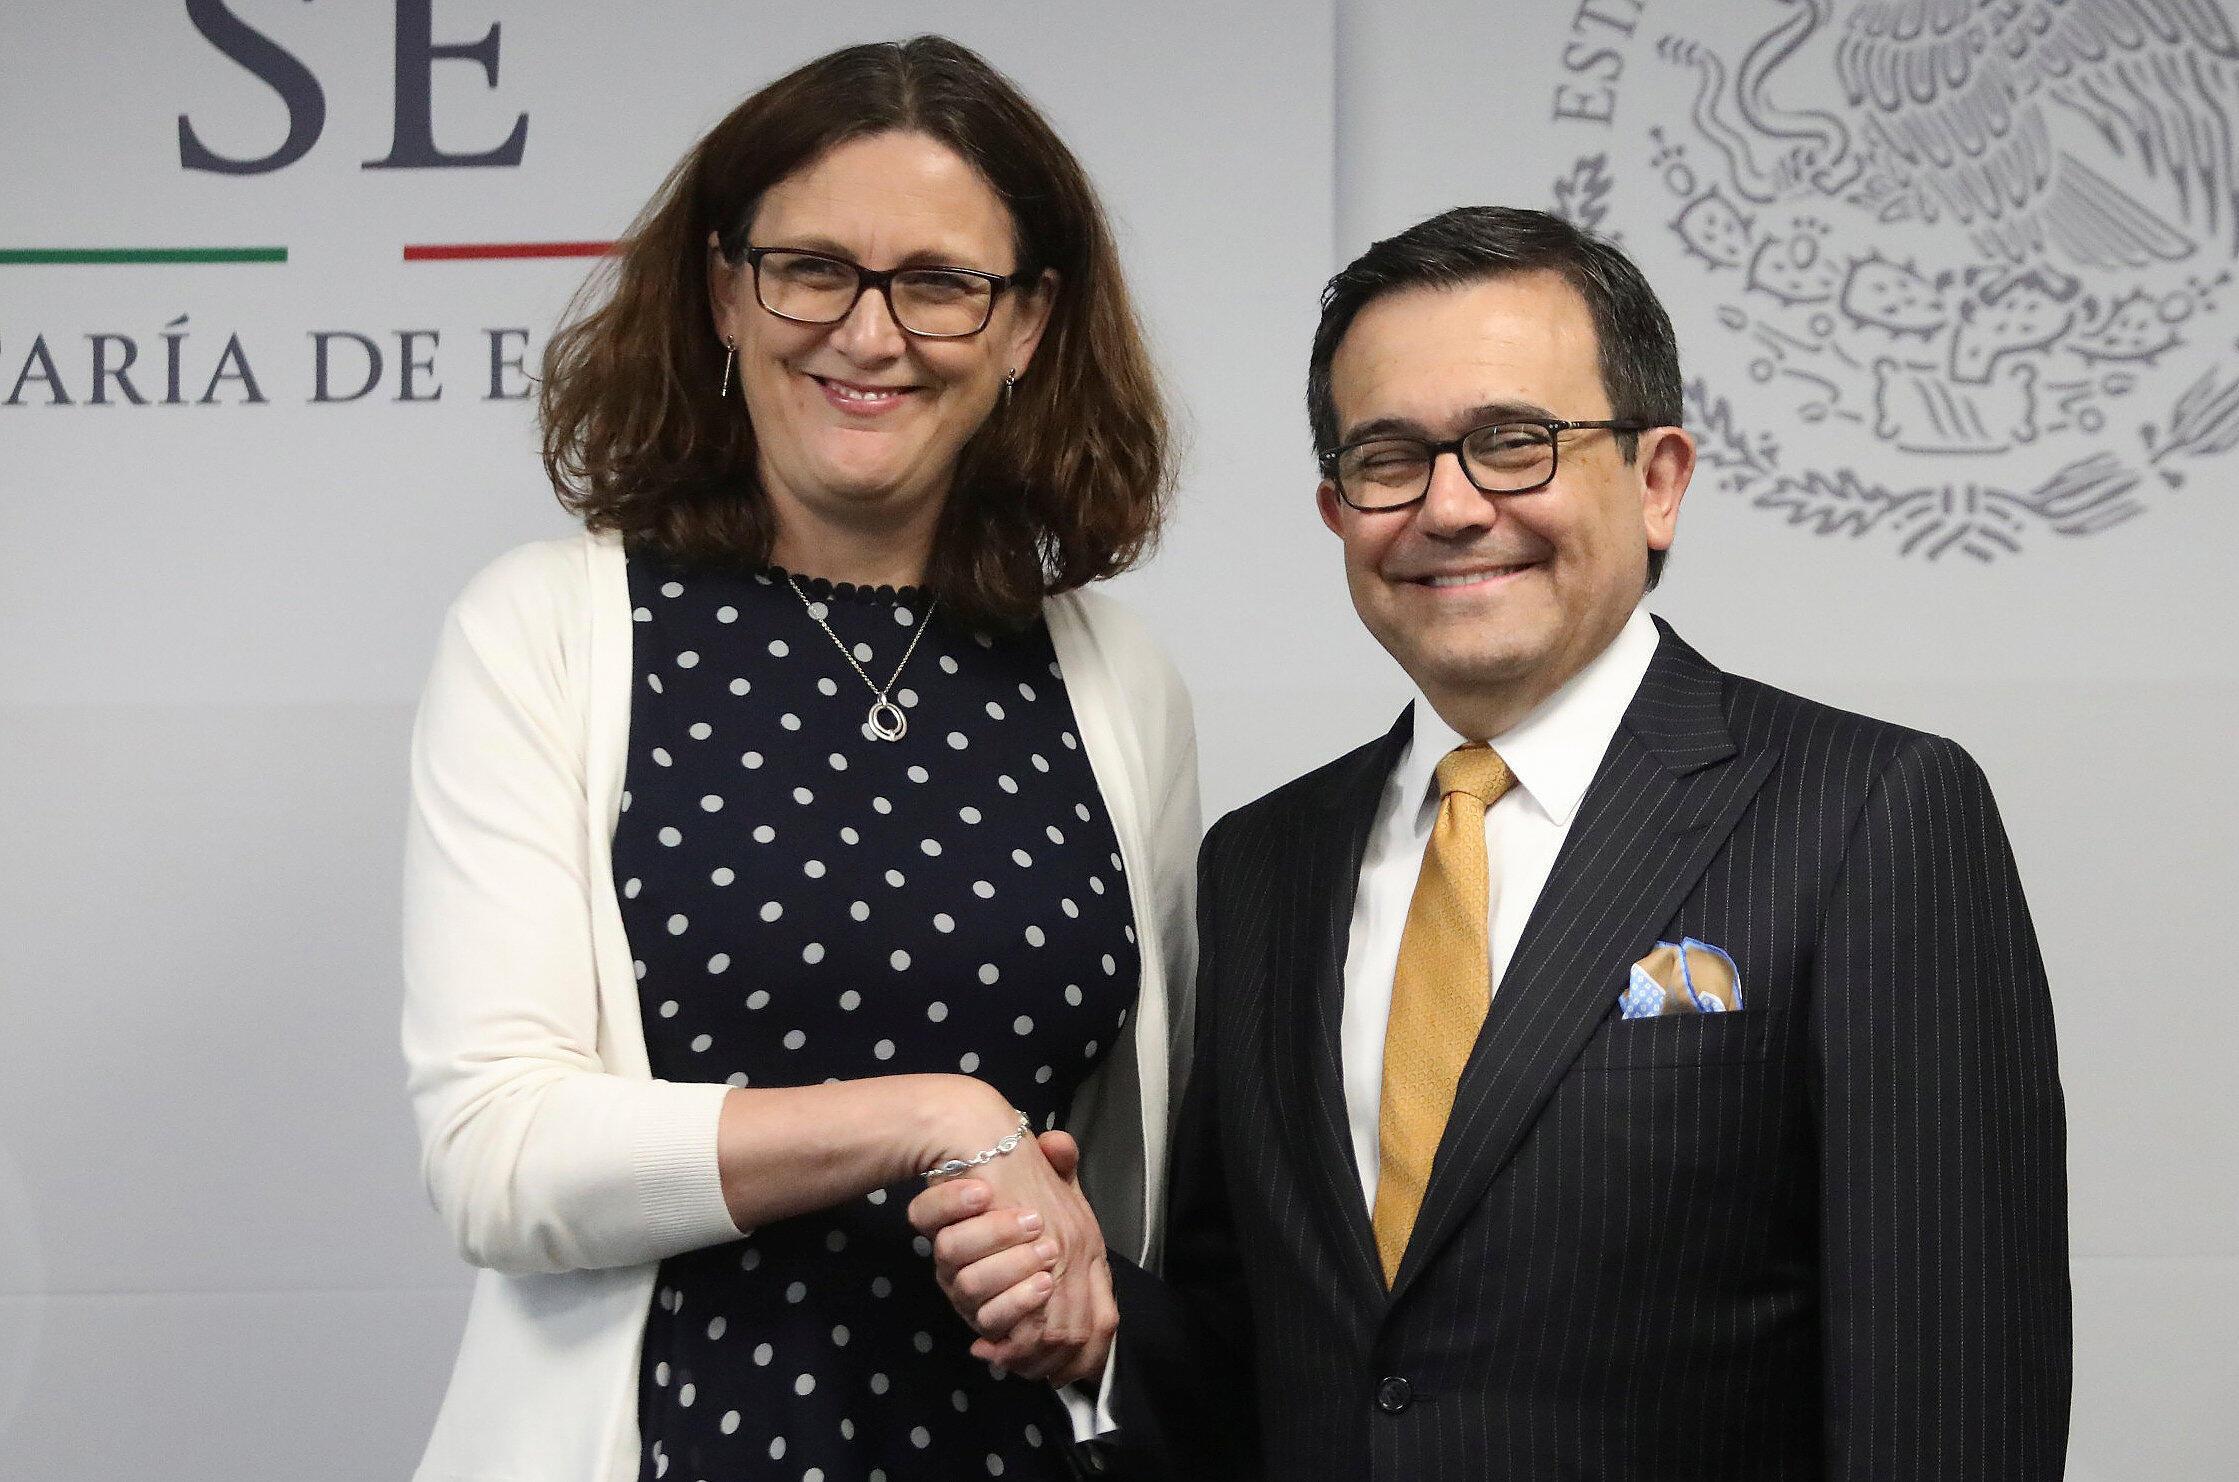 La comisaria de Comercio de la Unión Europea Cecilia Malmström y el secretario de Economía de México Ildefonso Guajardo en una conferencia de prensa, este 8 de mayo de 2017 en Ciudad de México.